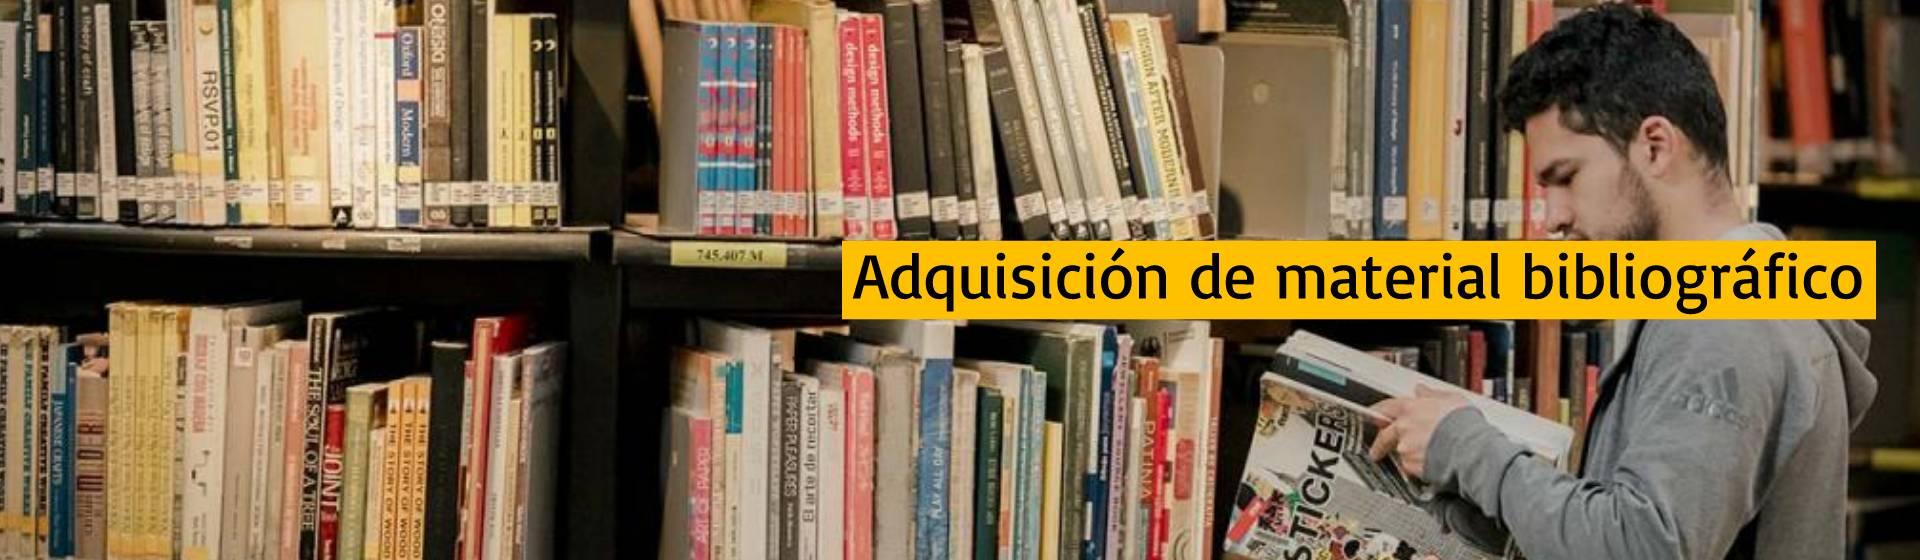 Adquisición de material bibliográfico | Uniandes